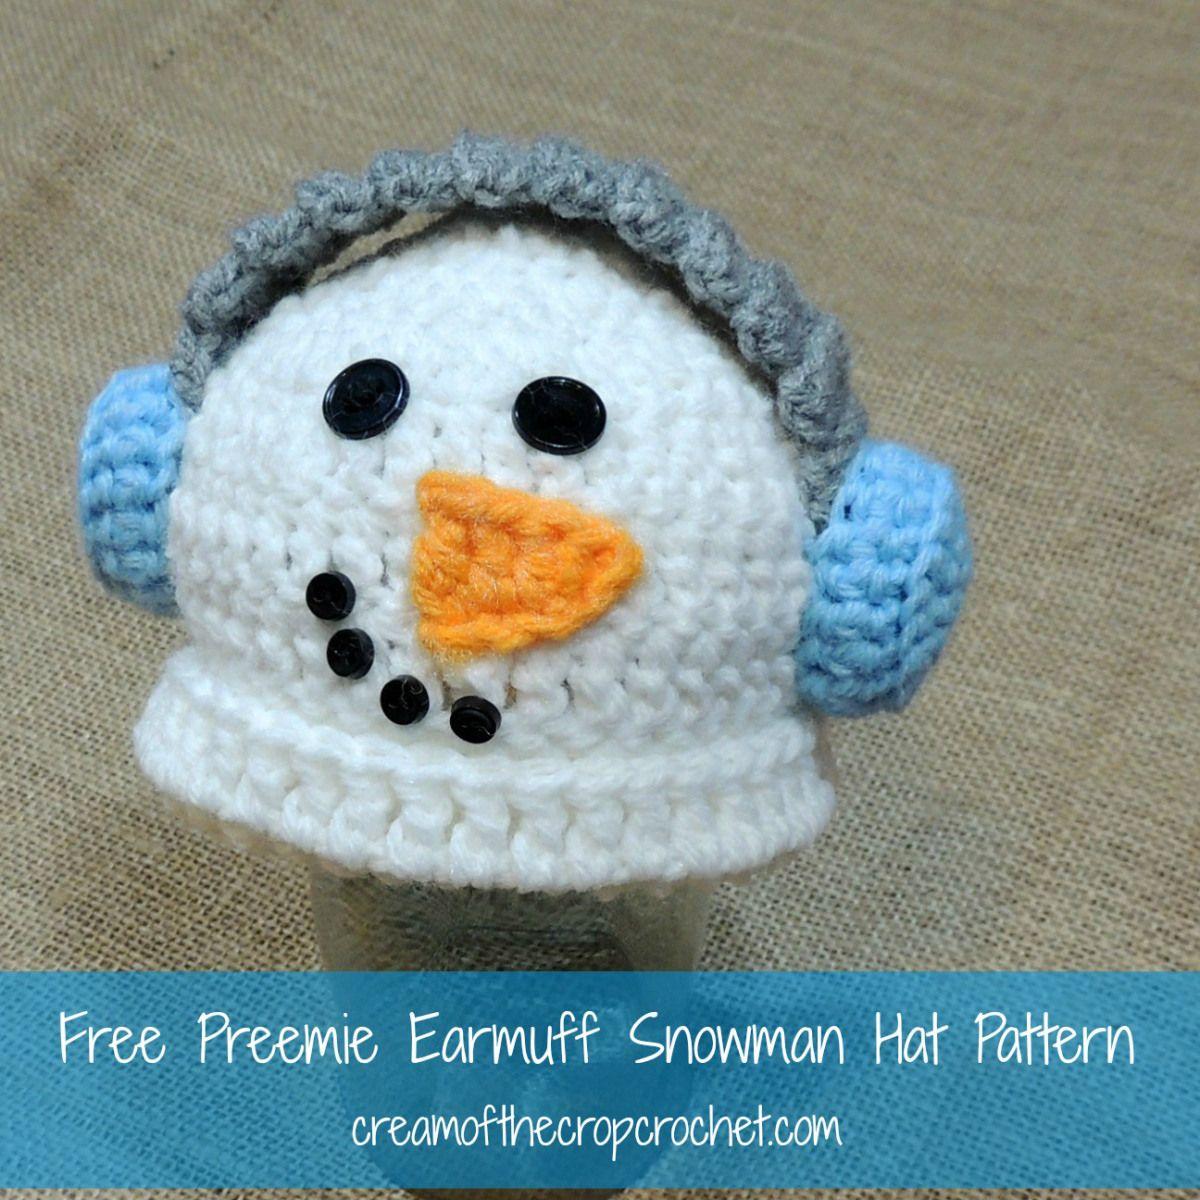 Preemie Earmuff Snowman Hat Pattern | Crochet | Pinterest | Earmuffs ...